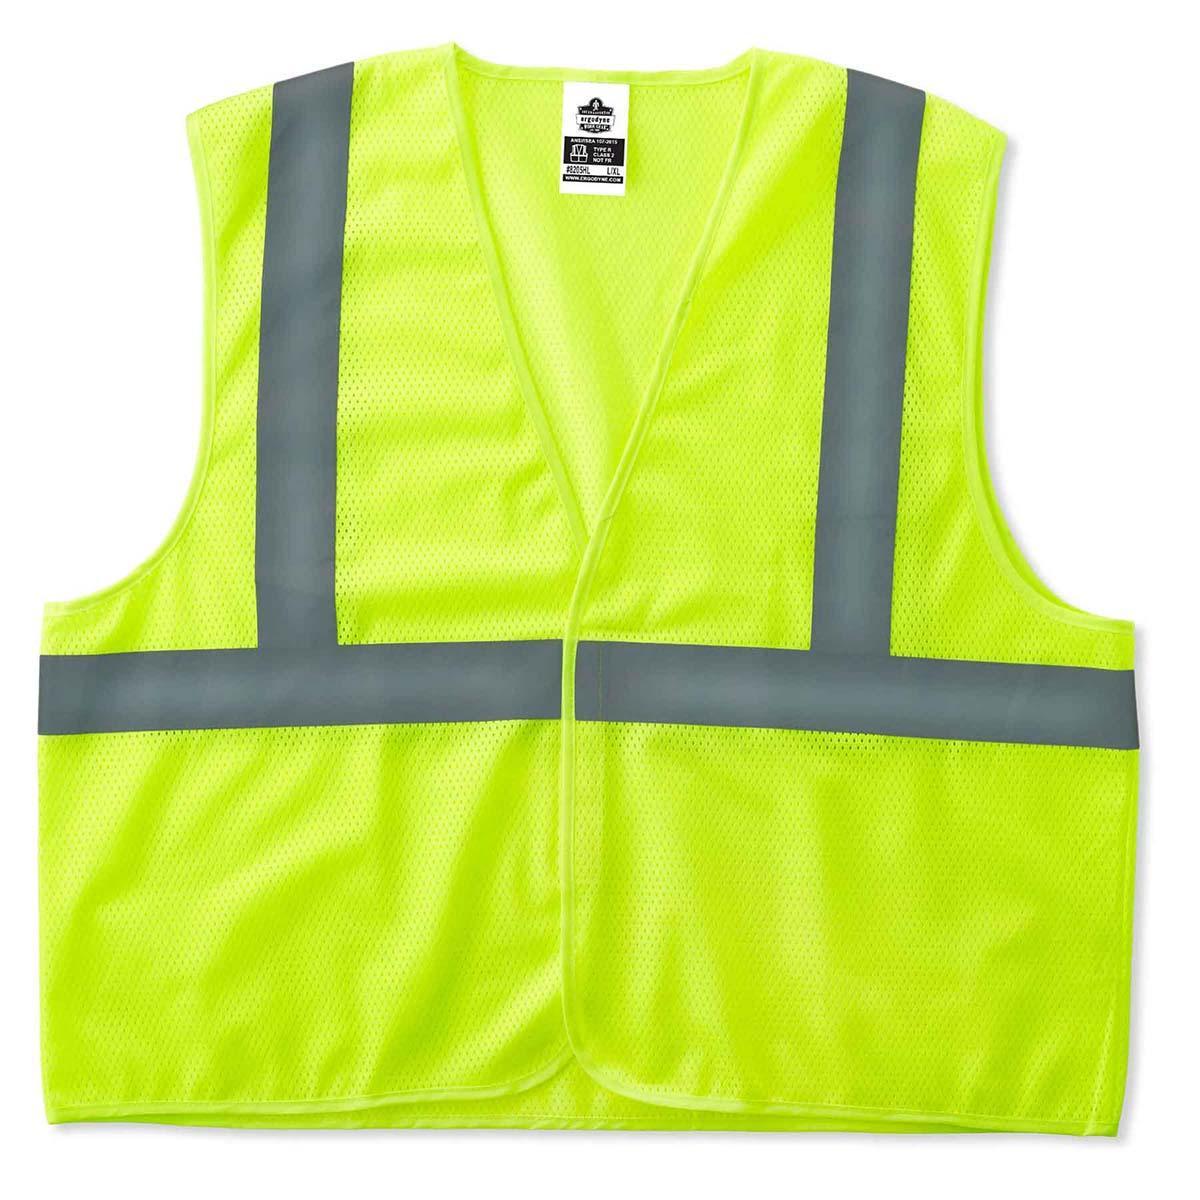 8205HL 2XL/3XL Lime Type R Class 2 Super Econo Mesh Vest